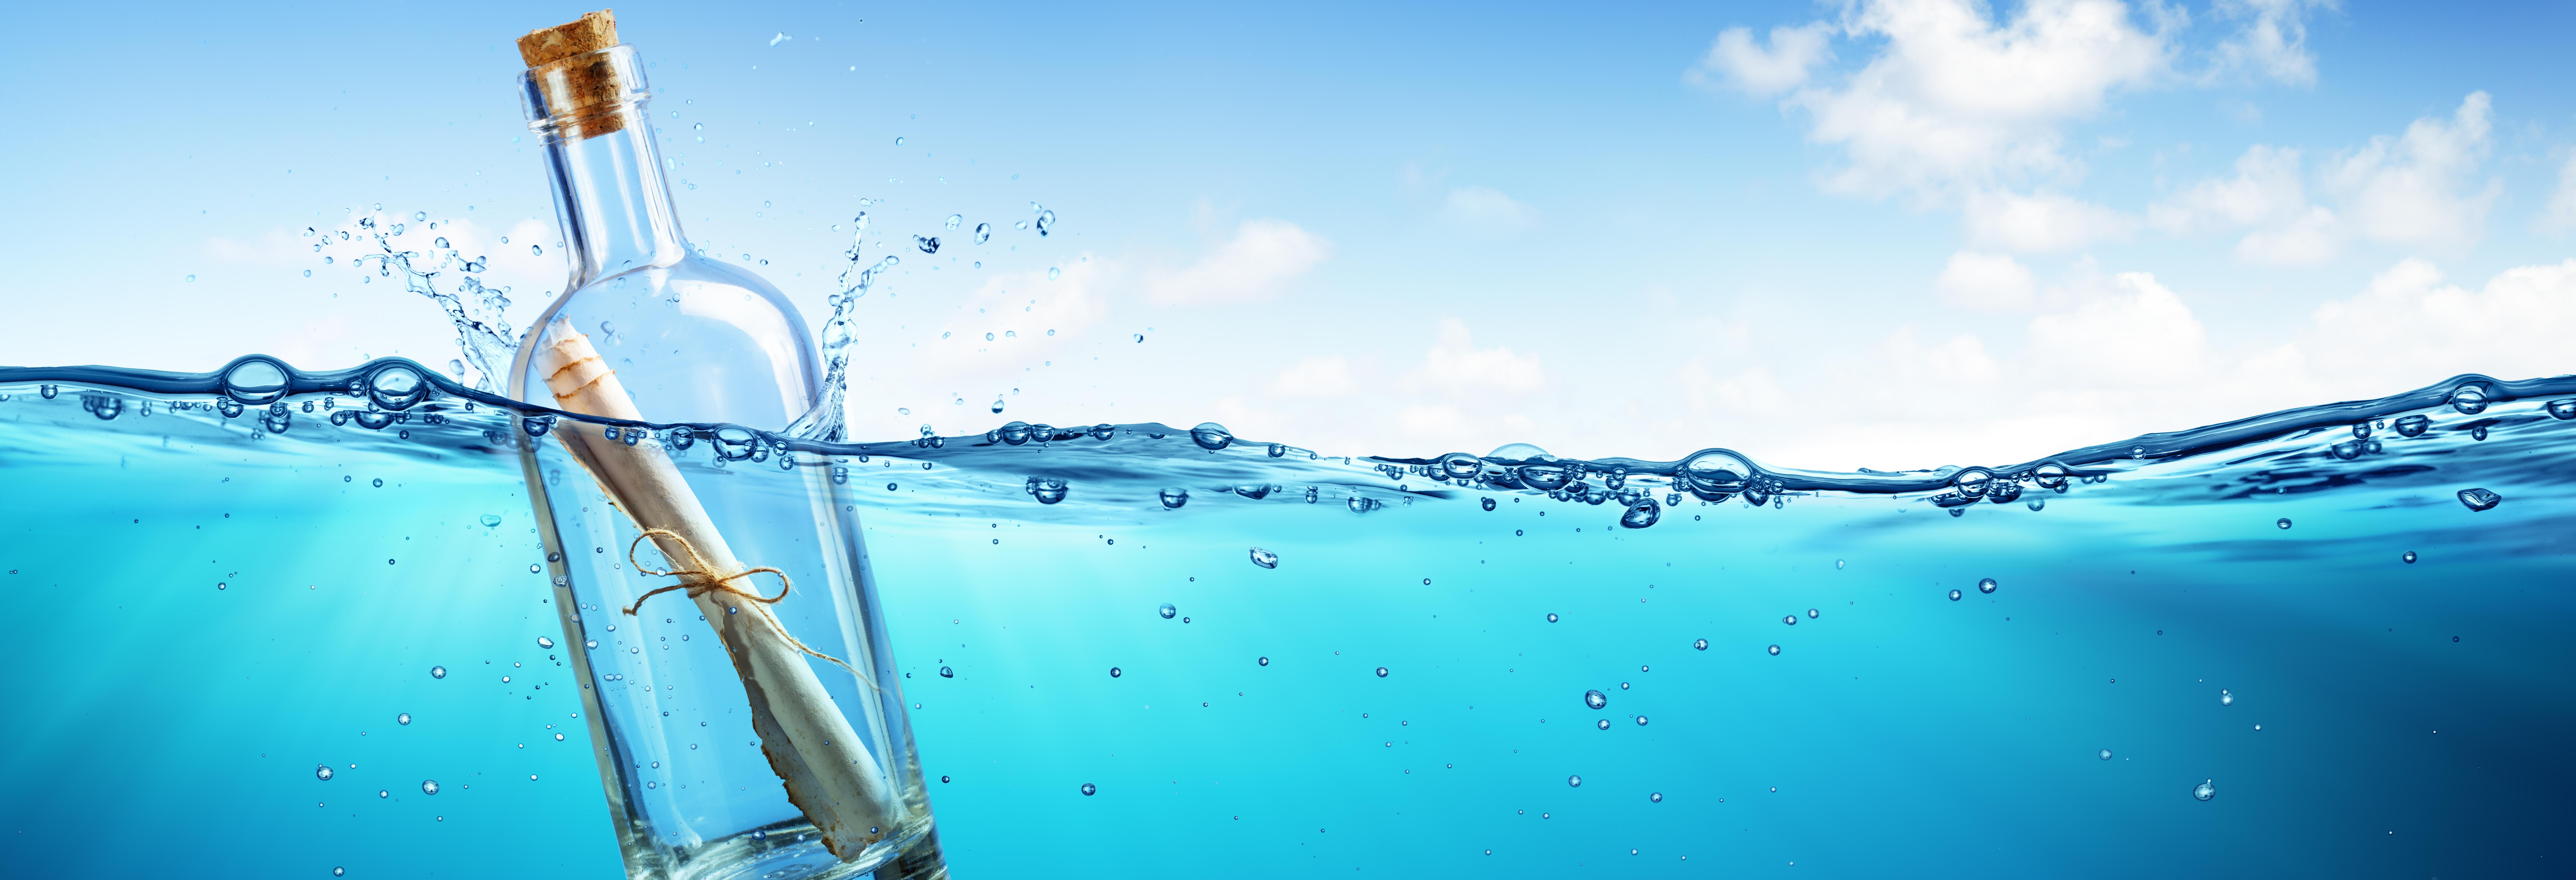 Eine Flaschenpost schwimmt im Meer